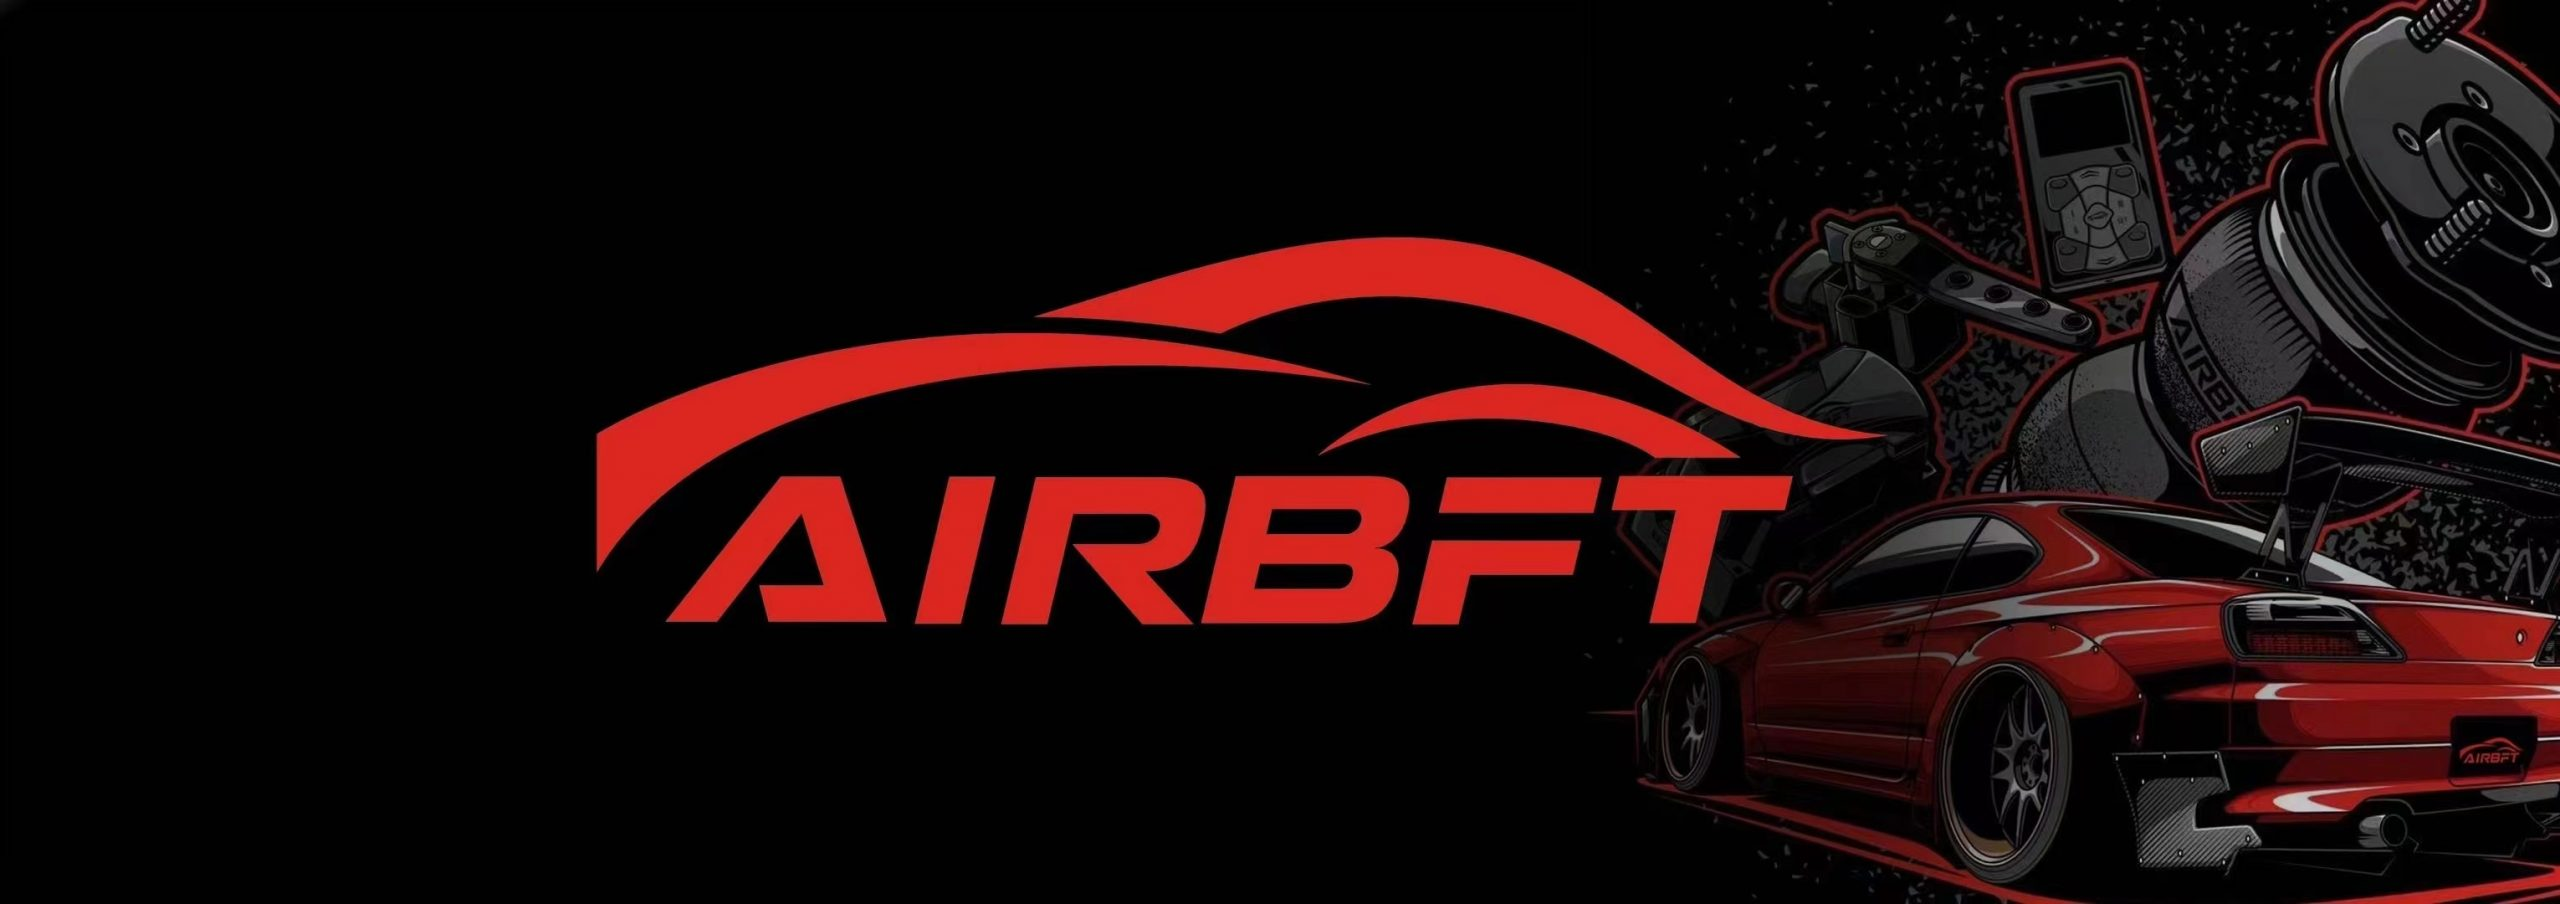 AIRBFT气动避震品牌介绍